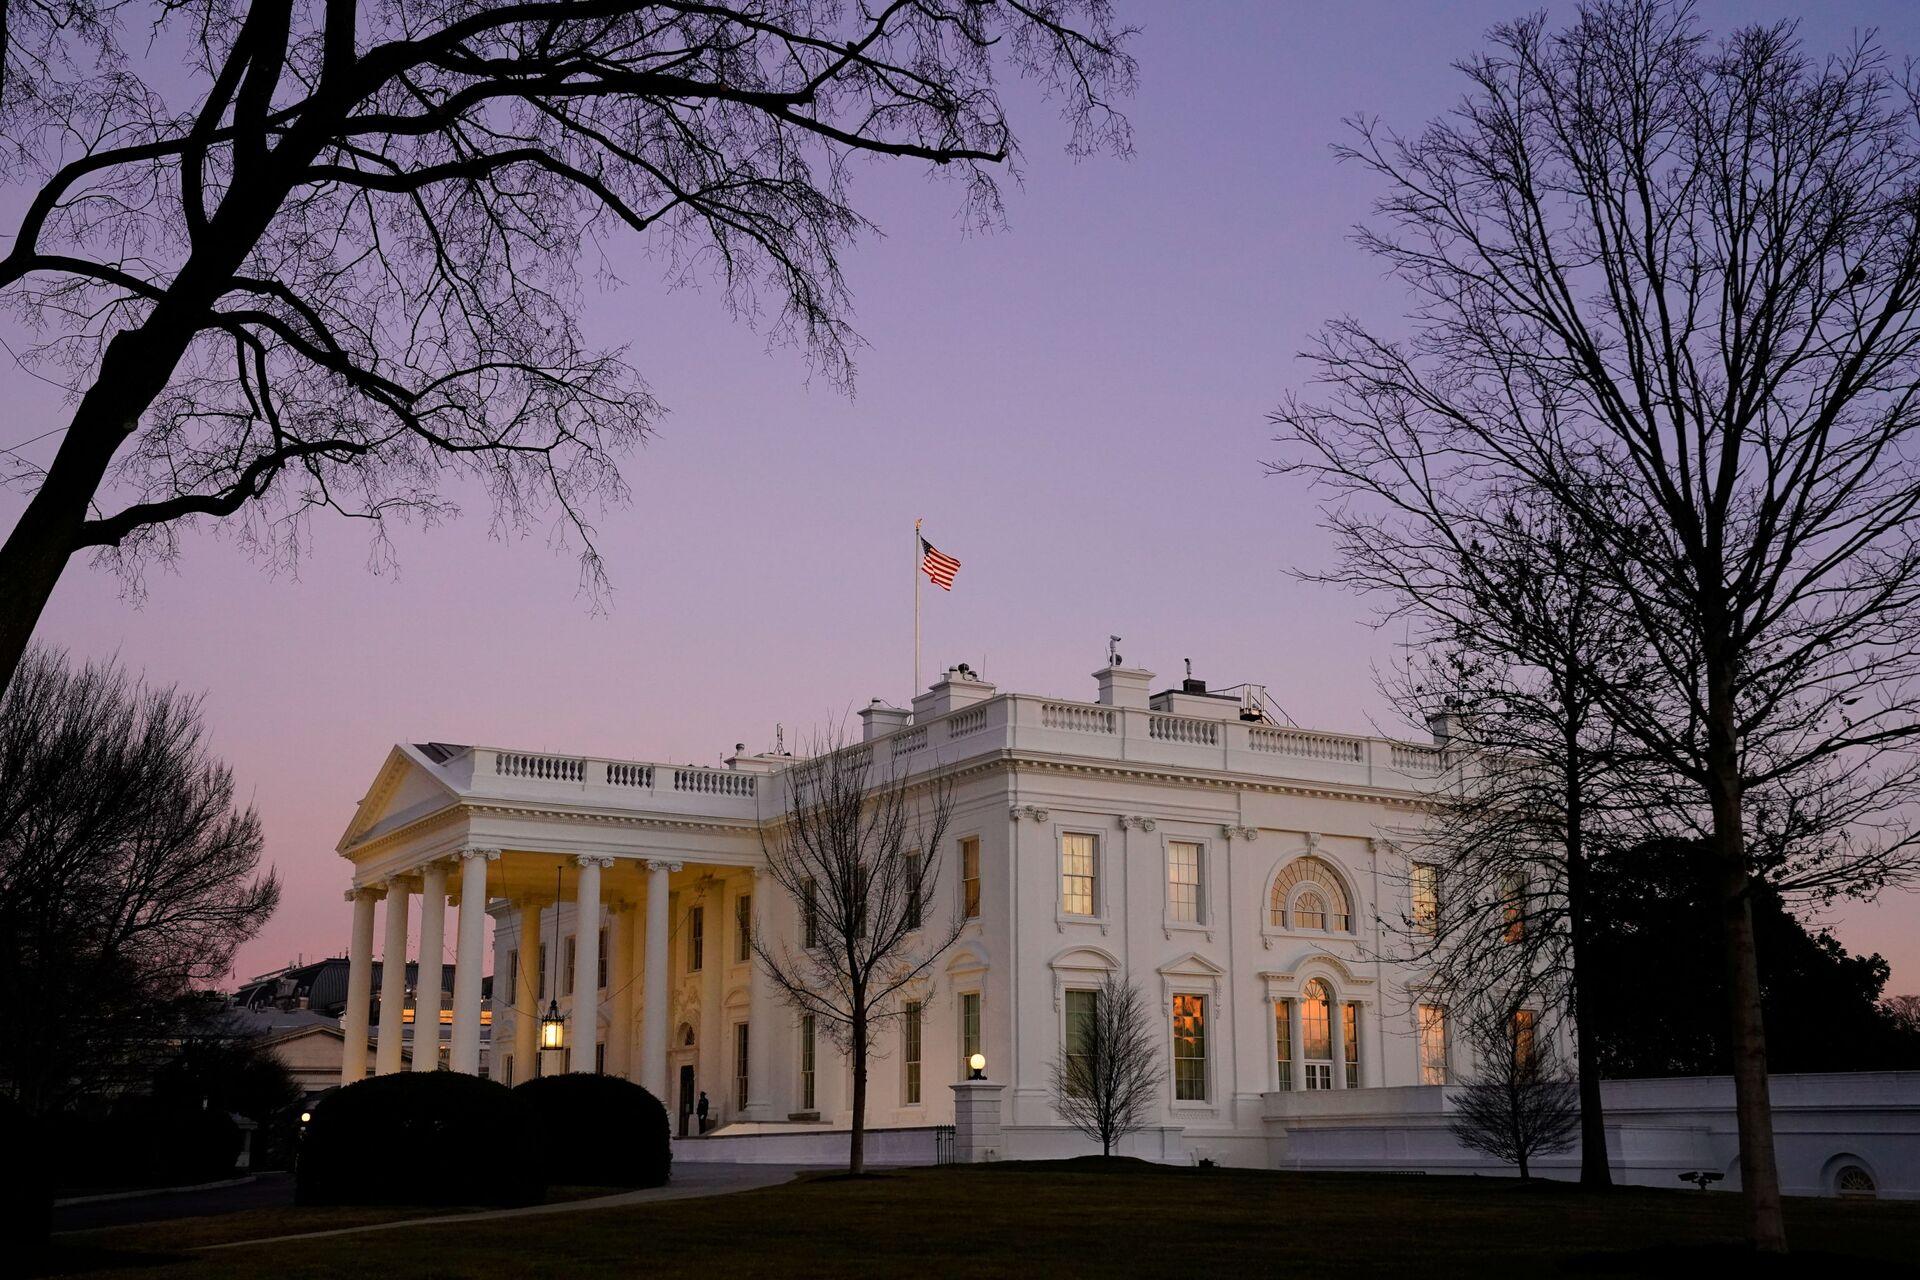 Impeachment e assoluzione Trump, parla il presidente Biden: accusa non in discussione - Sputnik Italia, 1920, 14.02.2021